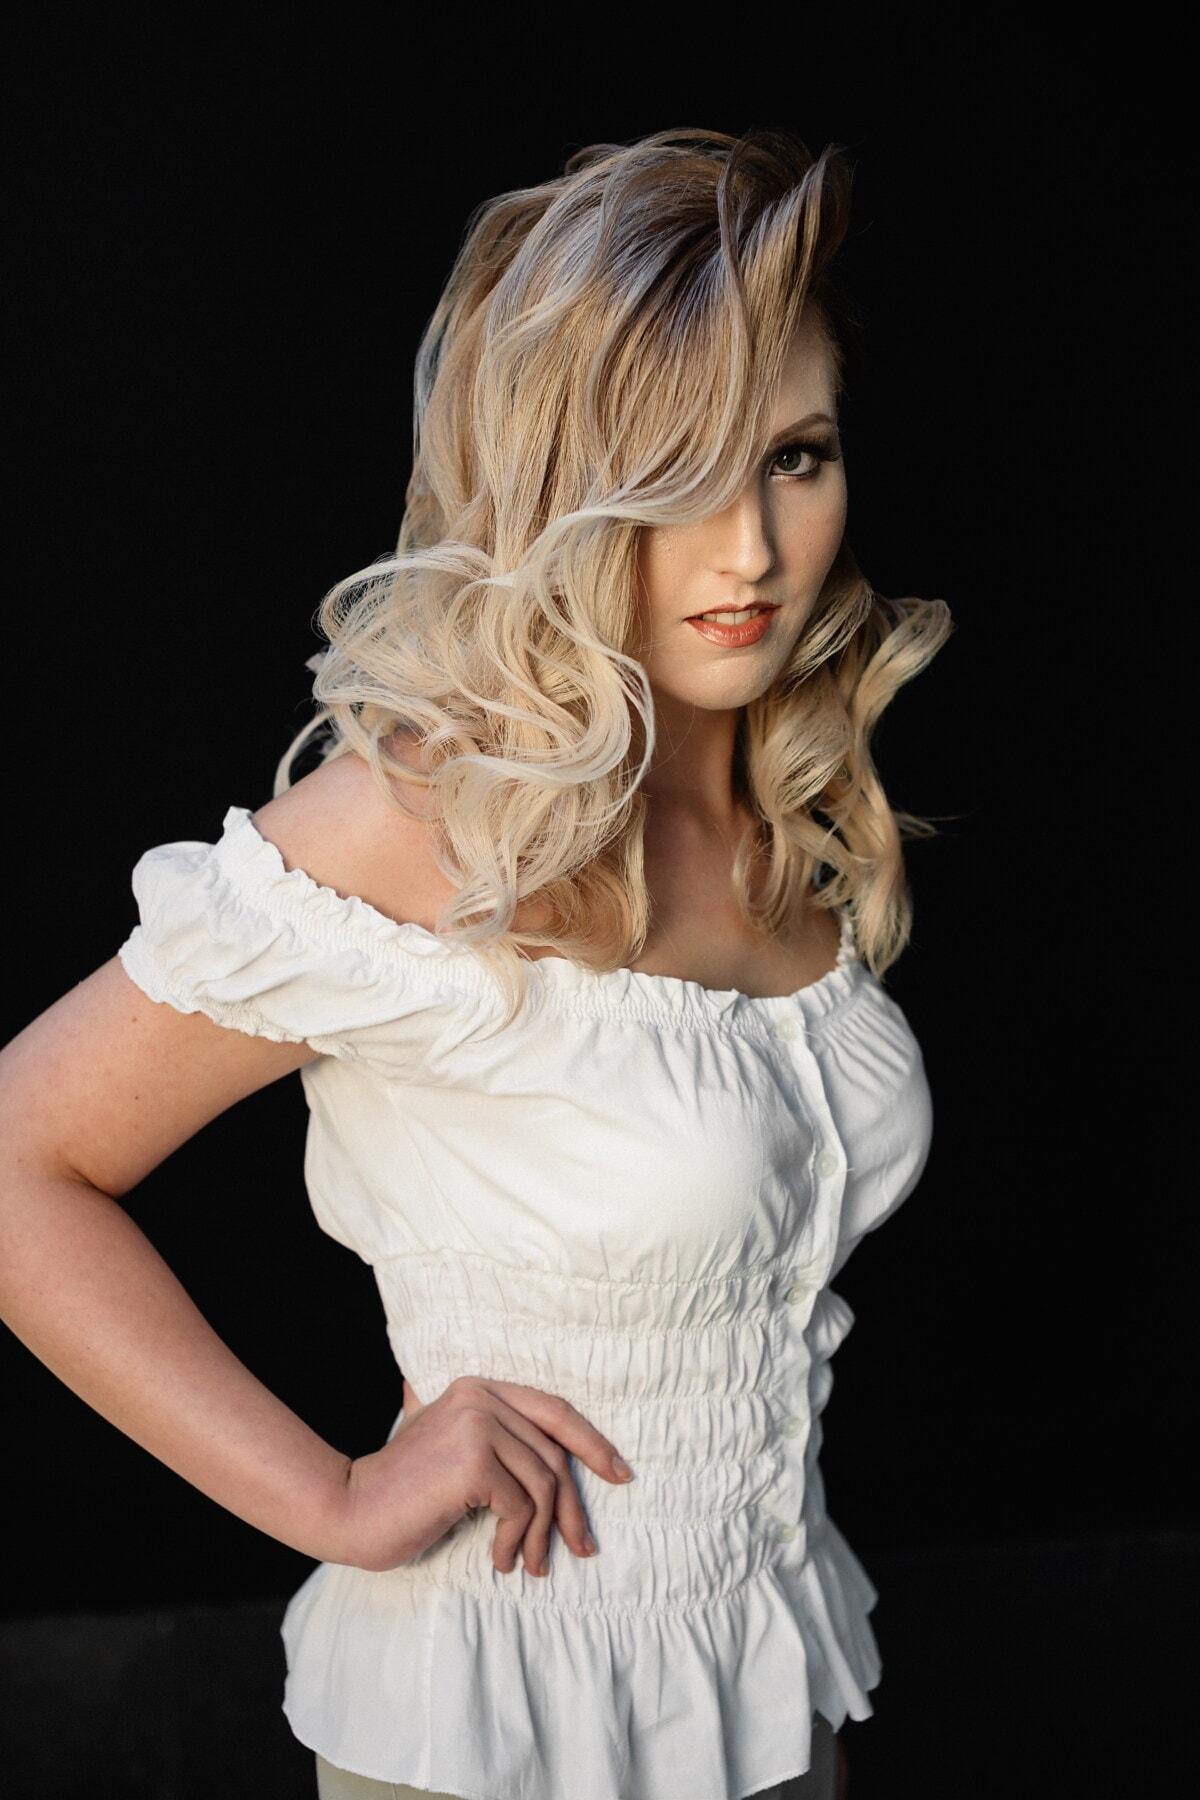 cheveux blonds, coiffure, Jolie fille, posant, maquillage, studio photo, modèle photo, photographie, mode, jeune fille